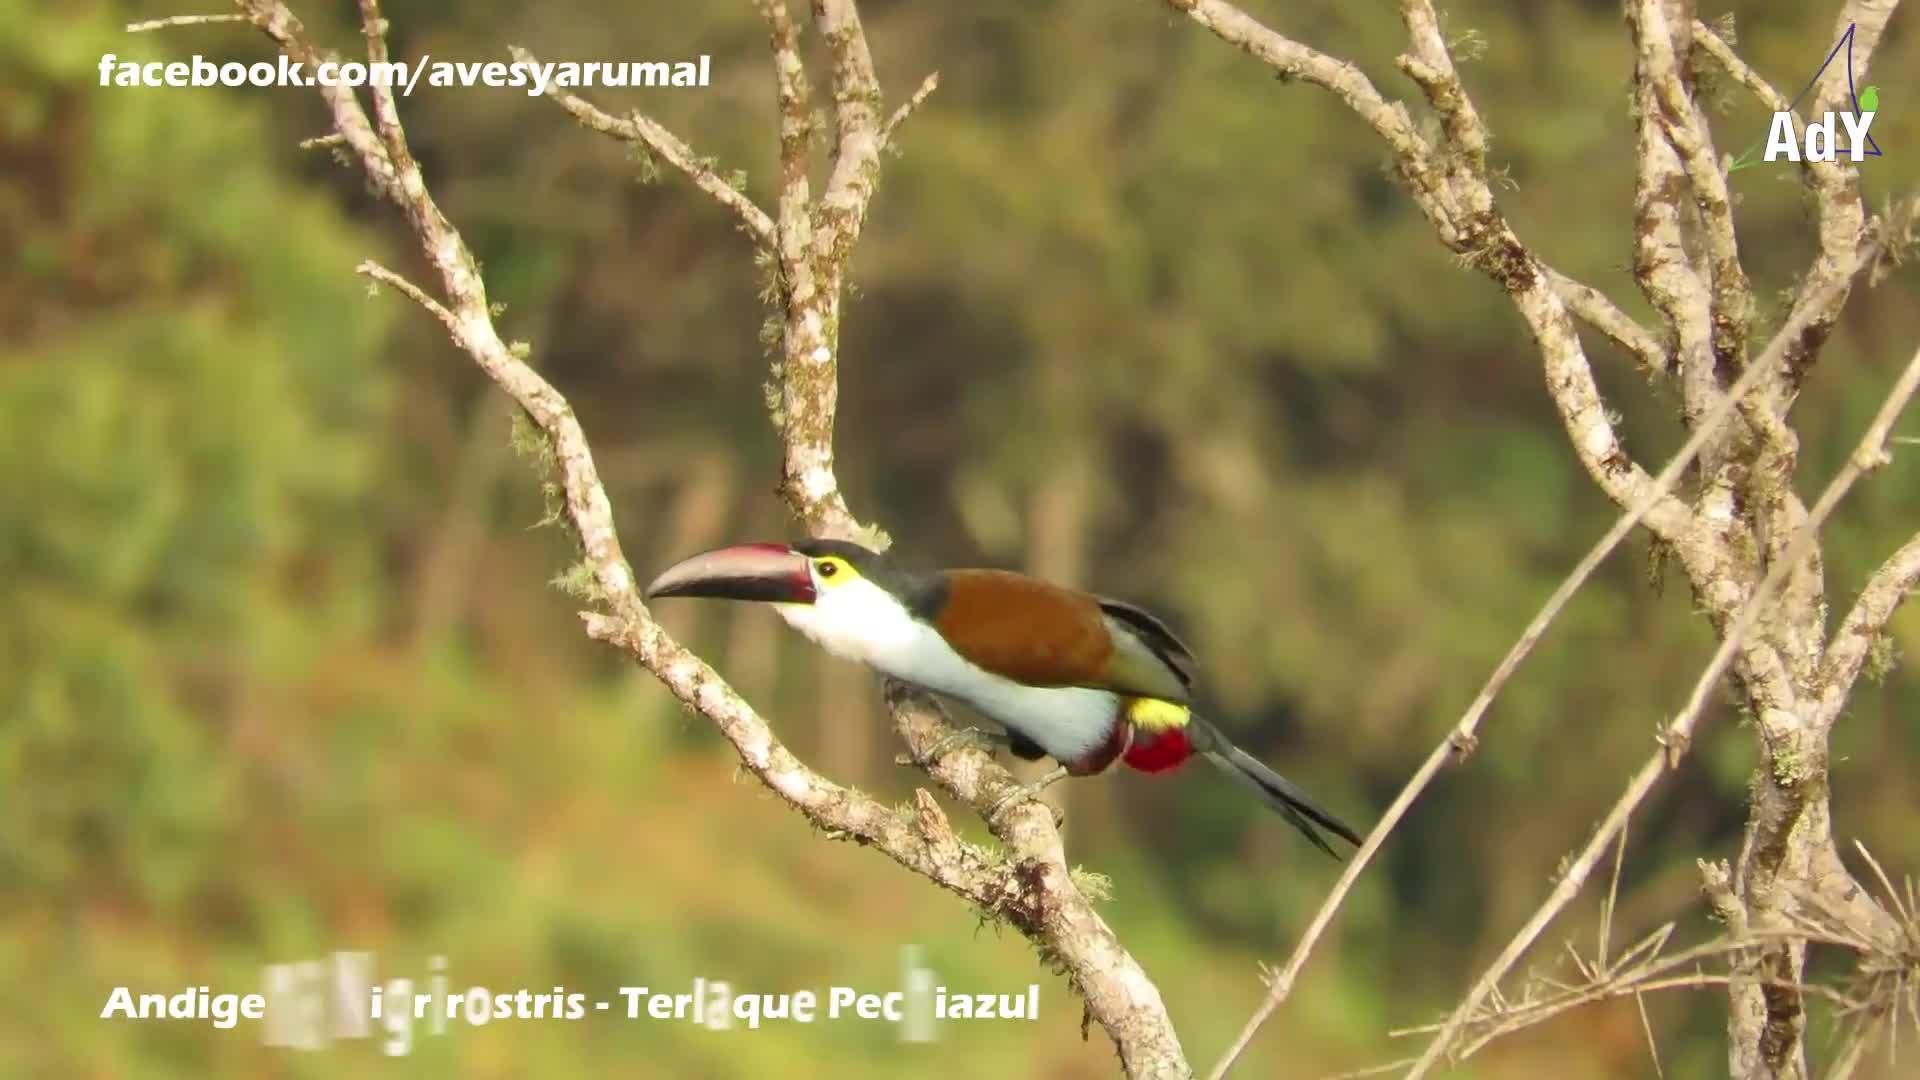 Aves Yarumal, People & Blogs, Andigena nigrirostris - Terlaque Pechiazul - Black-billed Mountain-Toucan - Ramphastidae GIFs